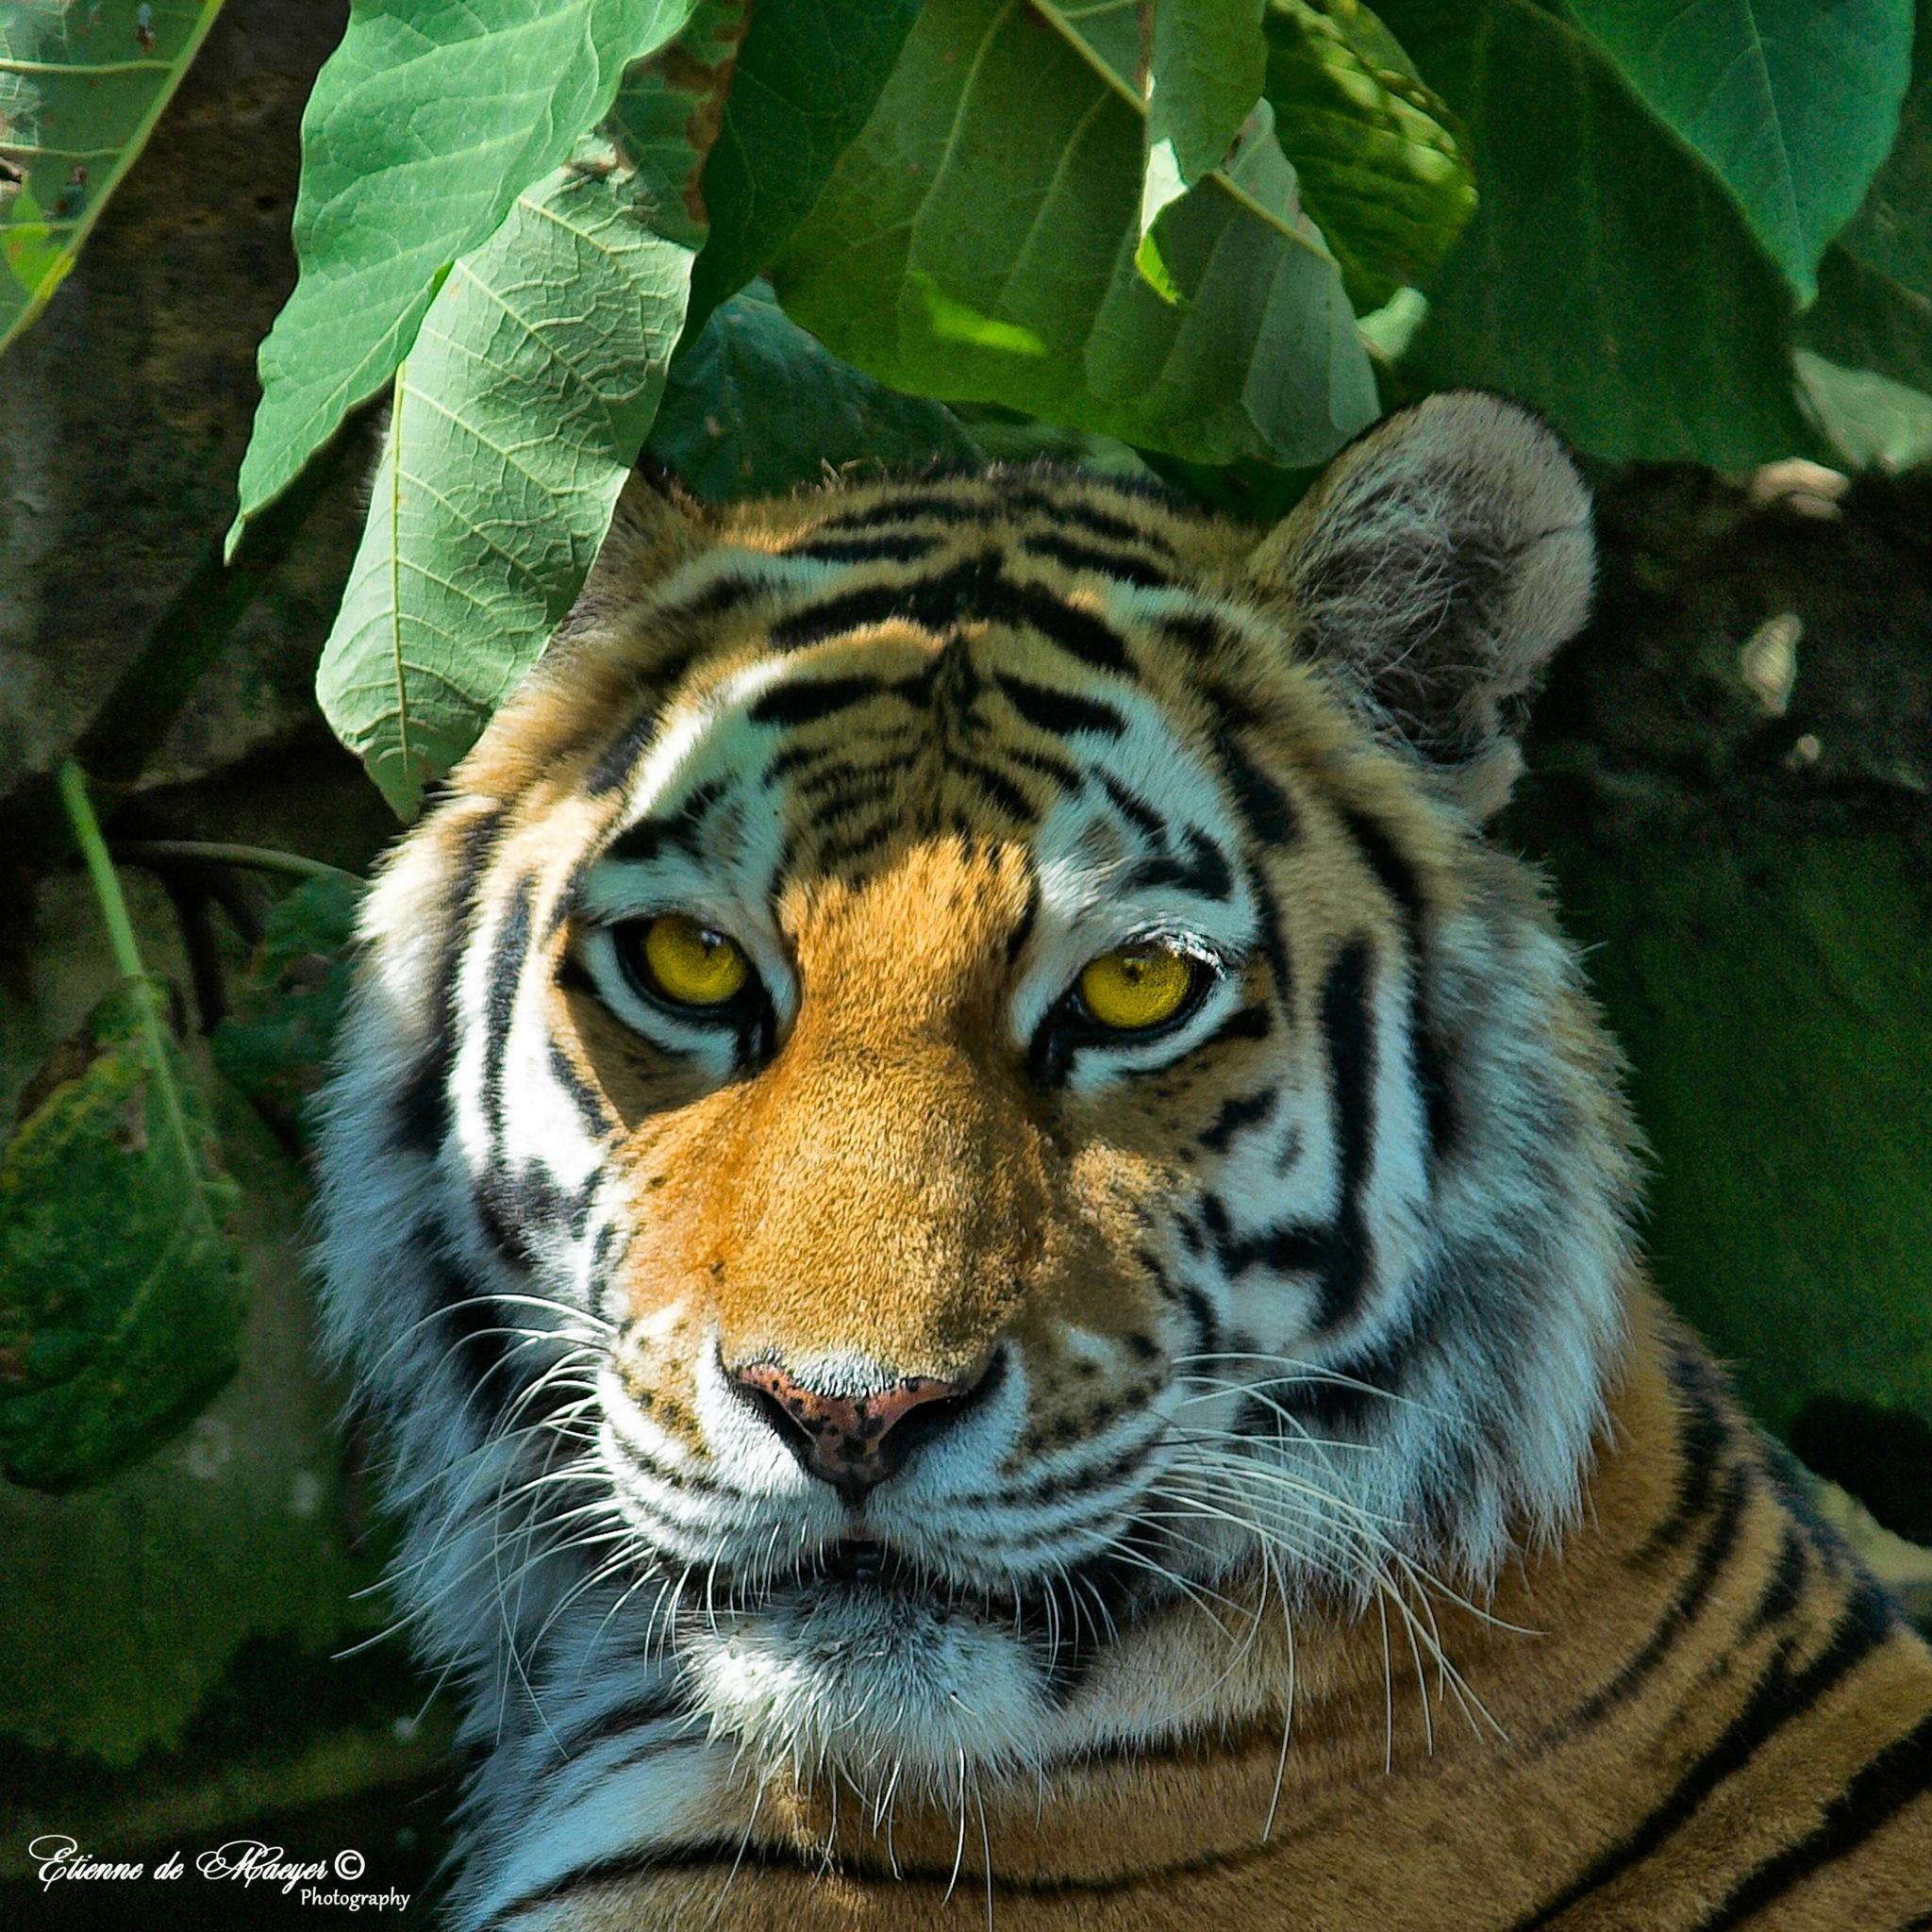 Tiger by Etienne de Maeyer